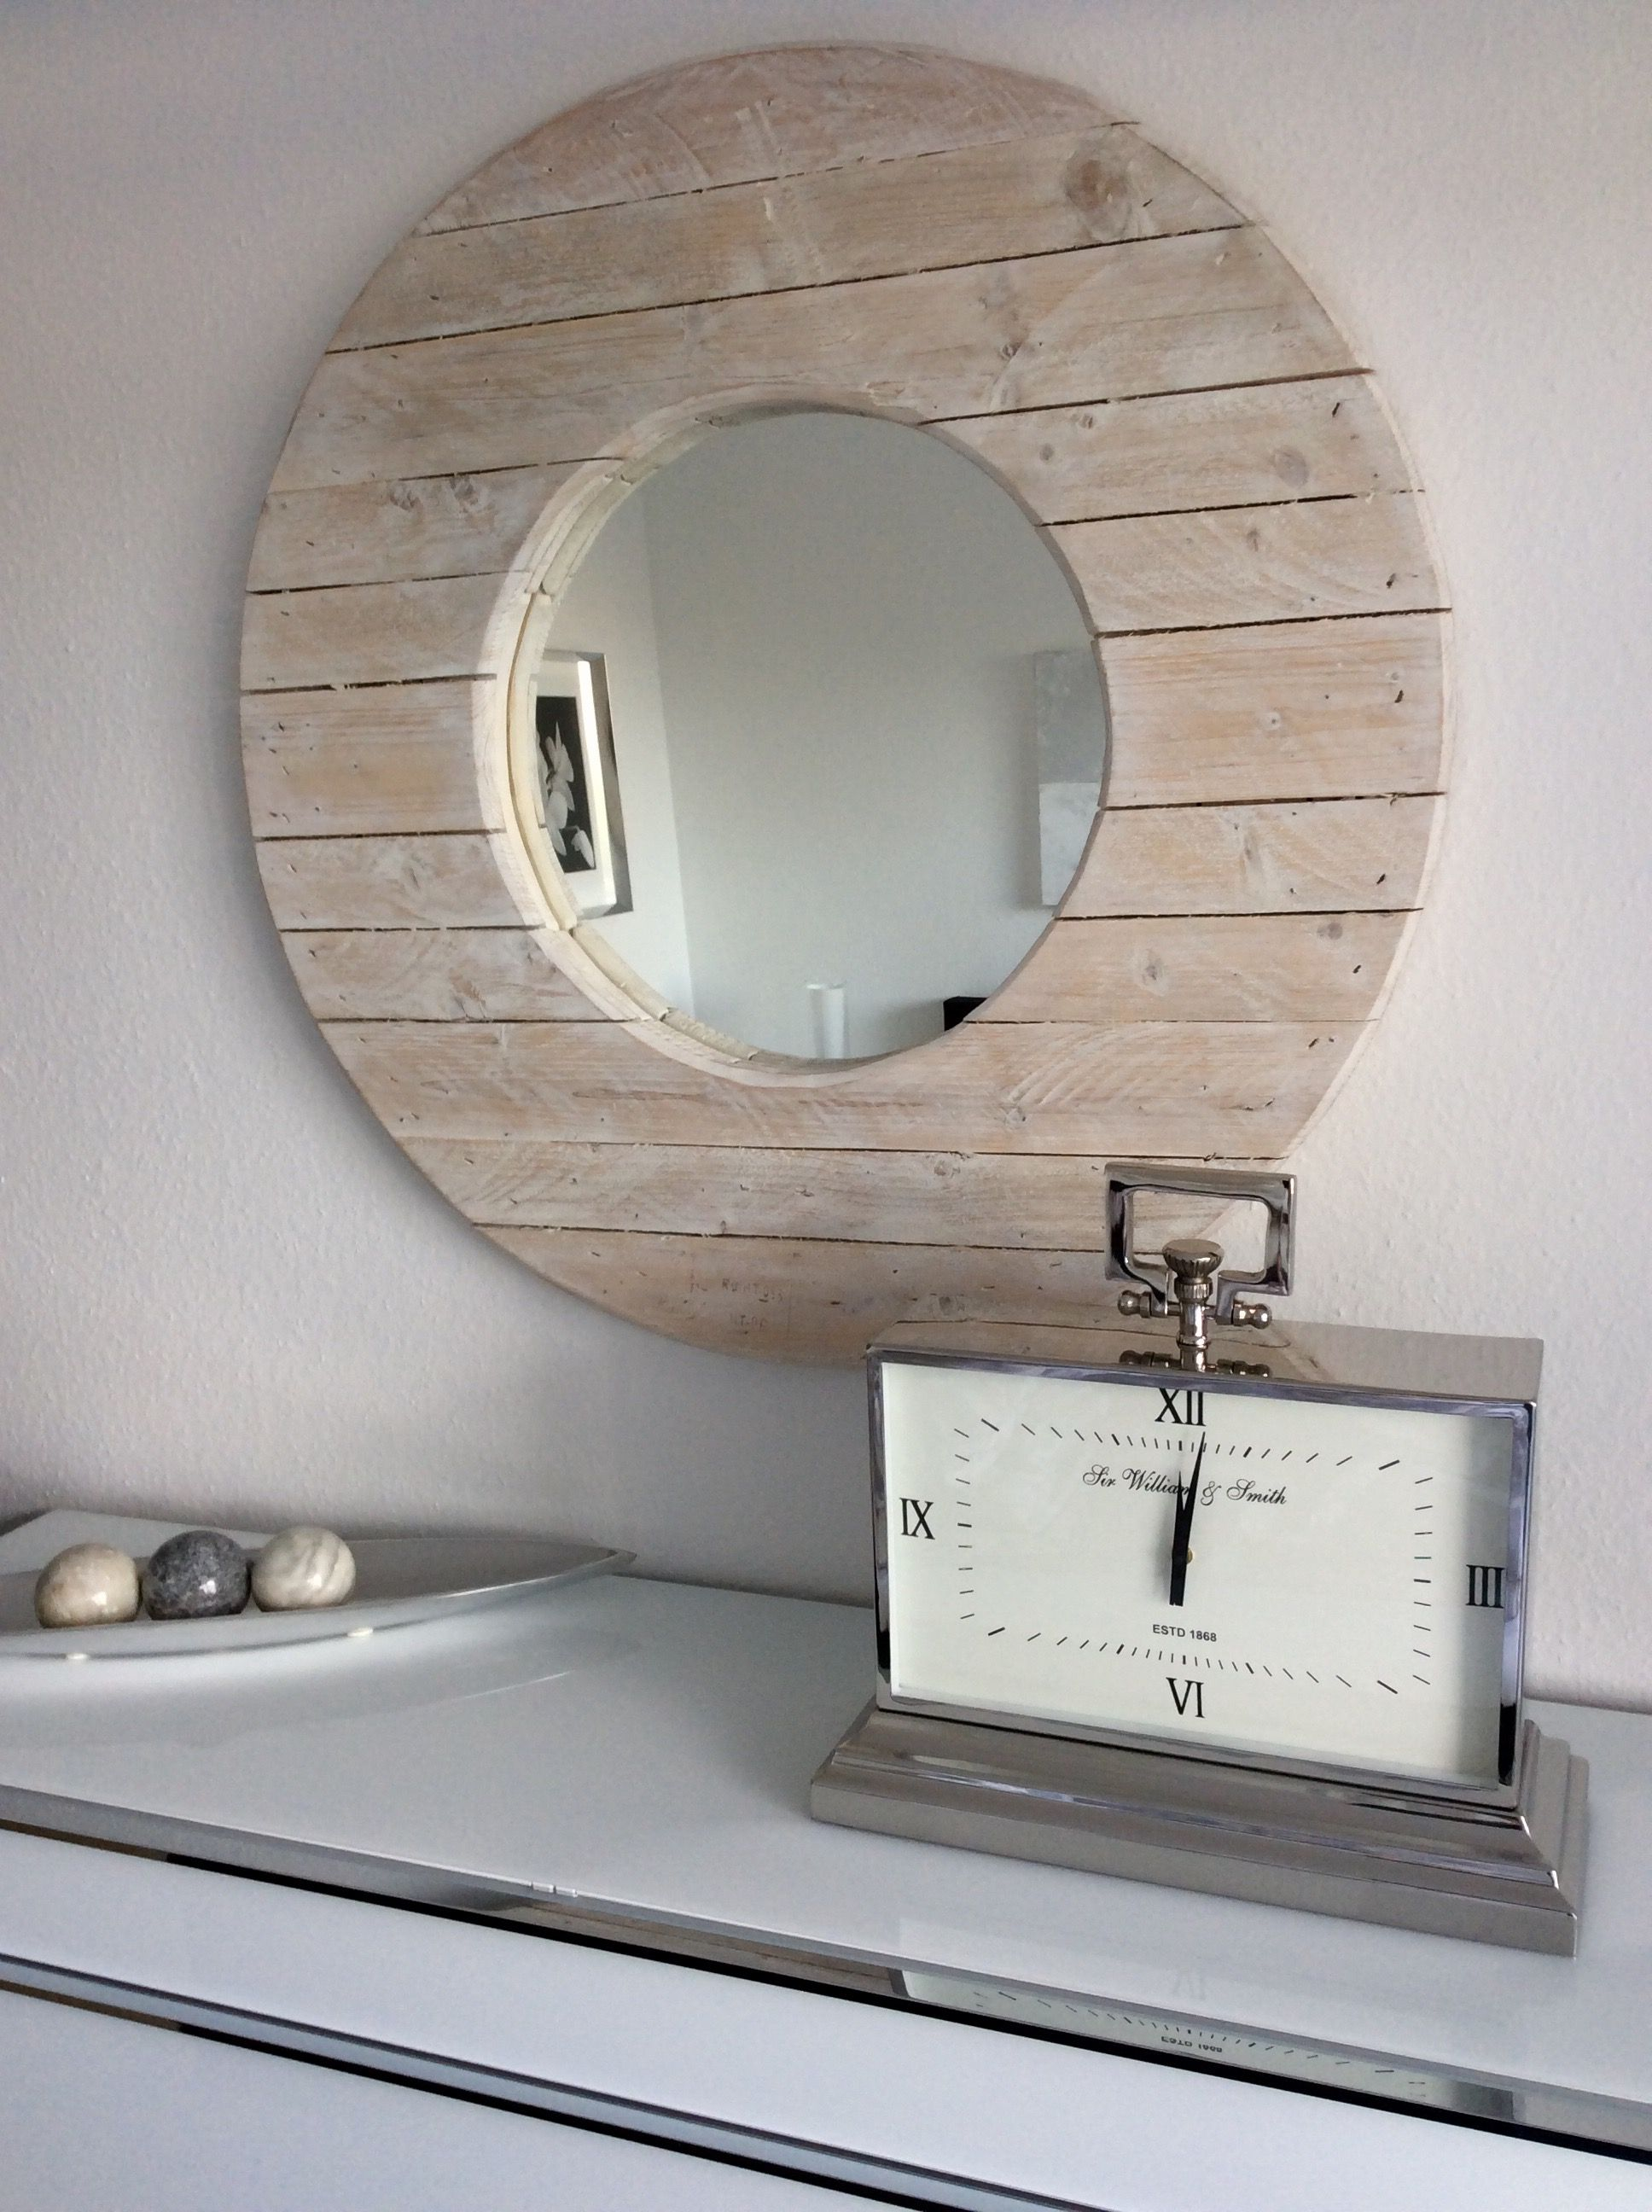 Bezaubernd Spiegel Für Dachschräge Das Beste Von Diy-spiegel Aus Einer Holz-kabeltrommel Mit Weißer Shabby-chic-lasur